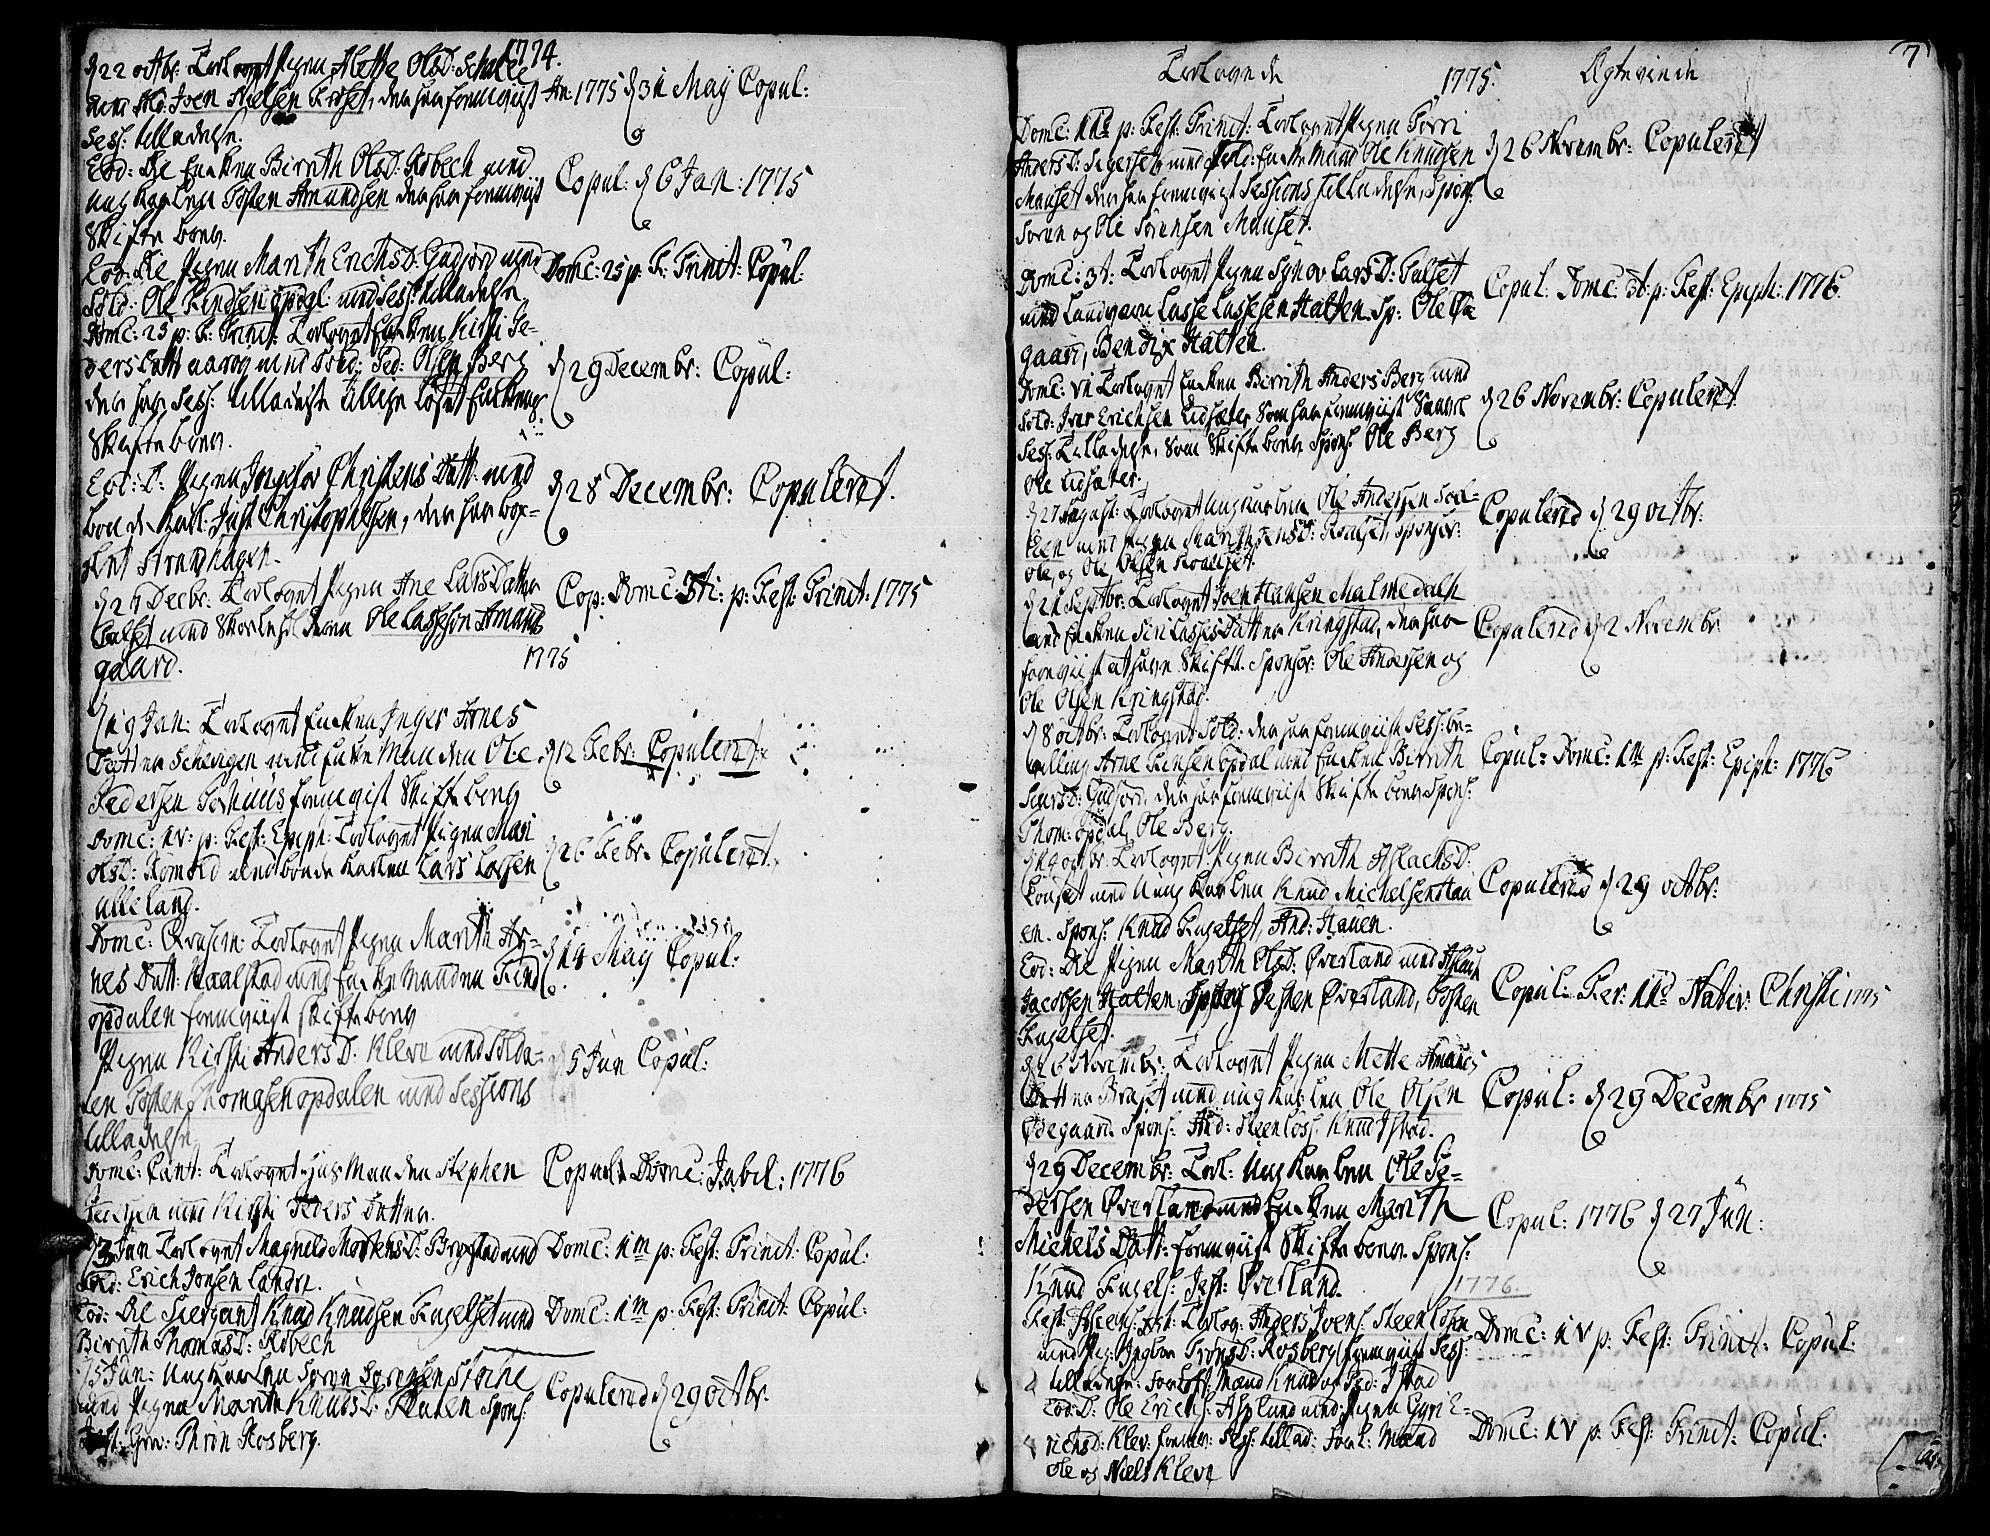 SAT, Ministerialprotokoller, klokkerbøker og fødselsregistre - Møre og Romsdal, 555/L0648: Ministerialbok nr. 555A01, 1759-1793, s. 7